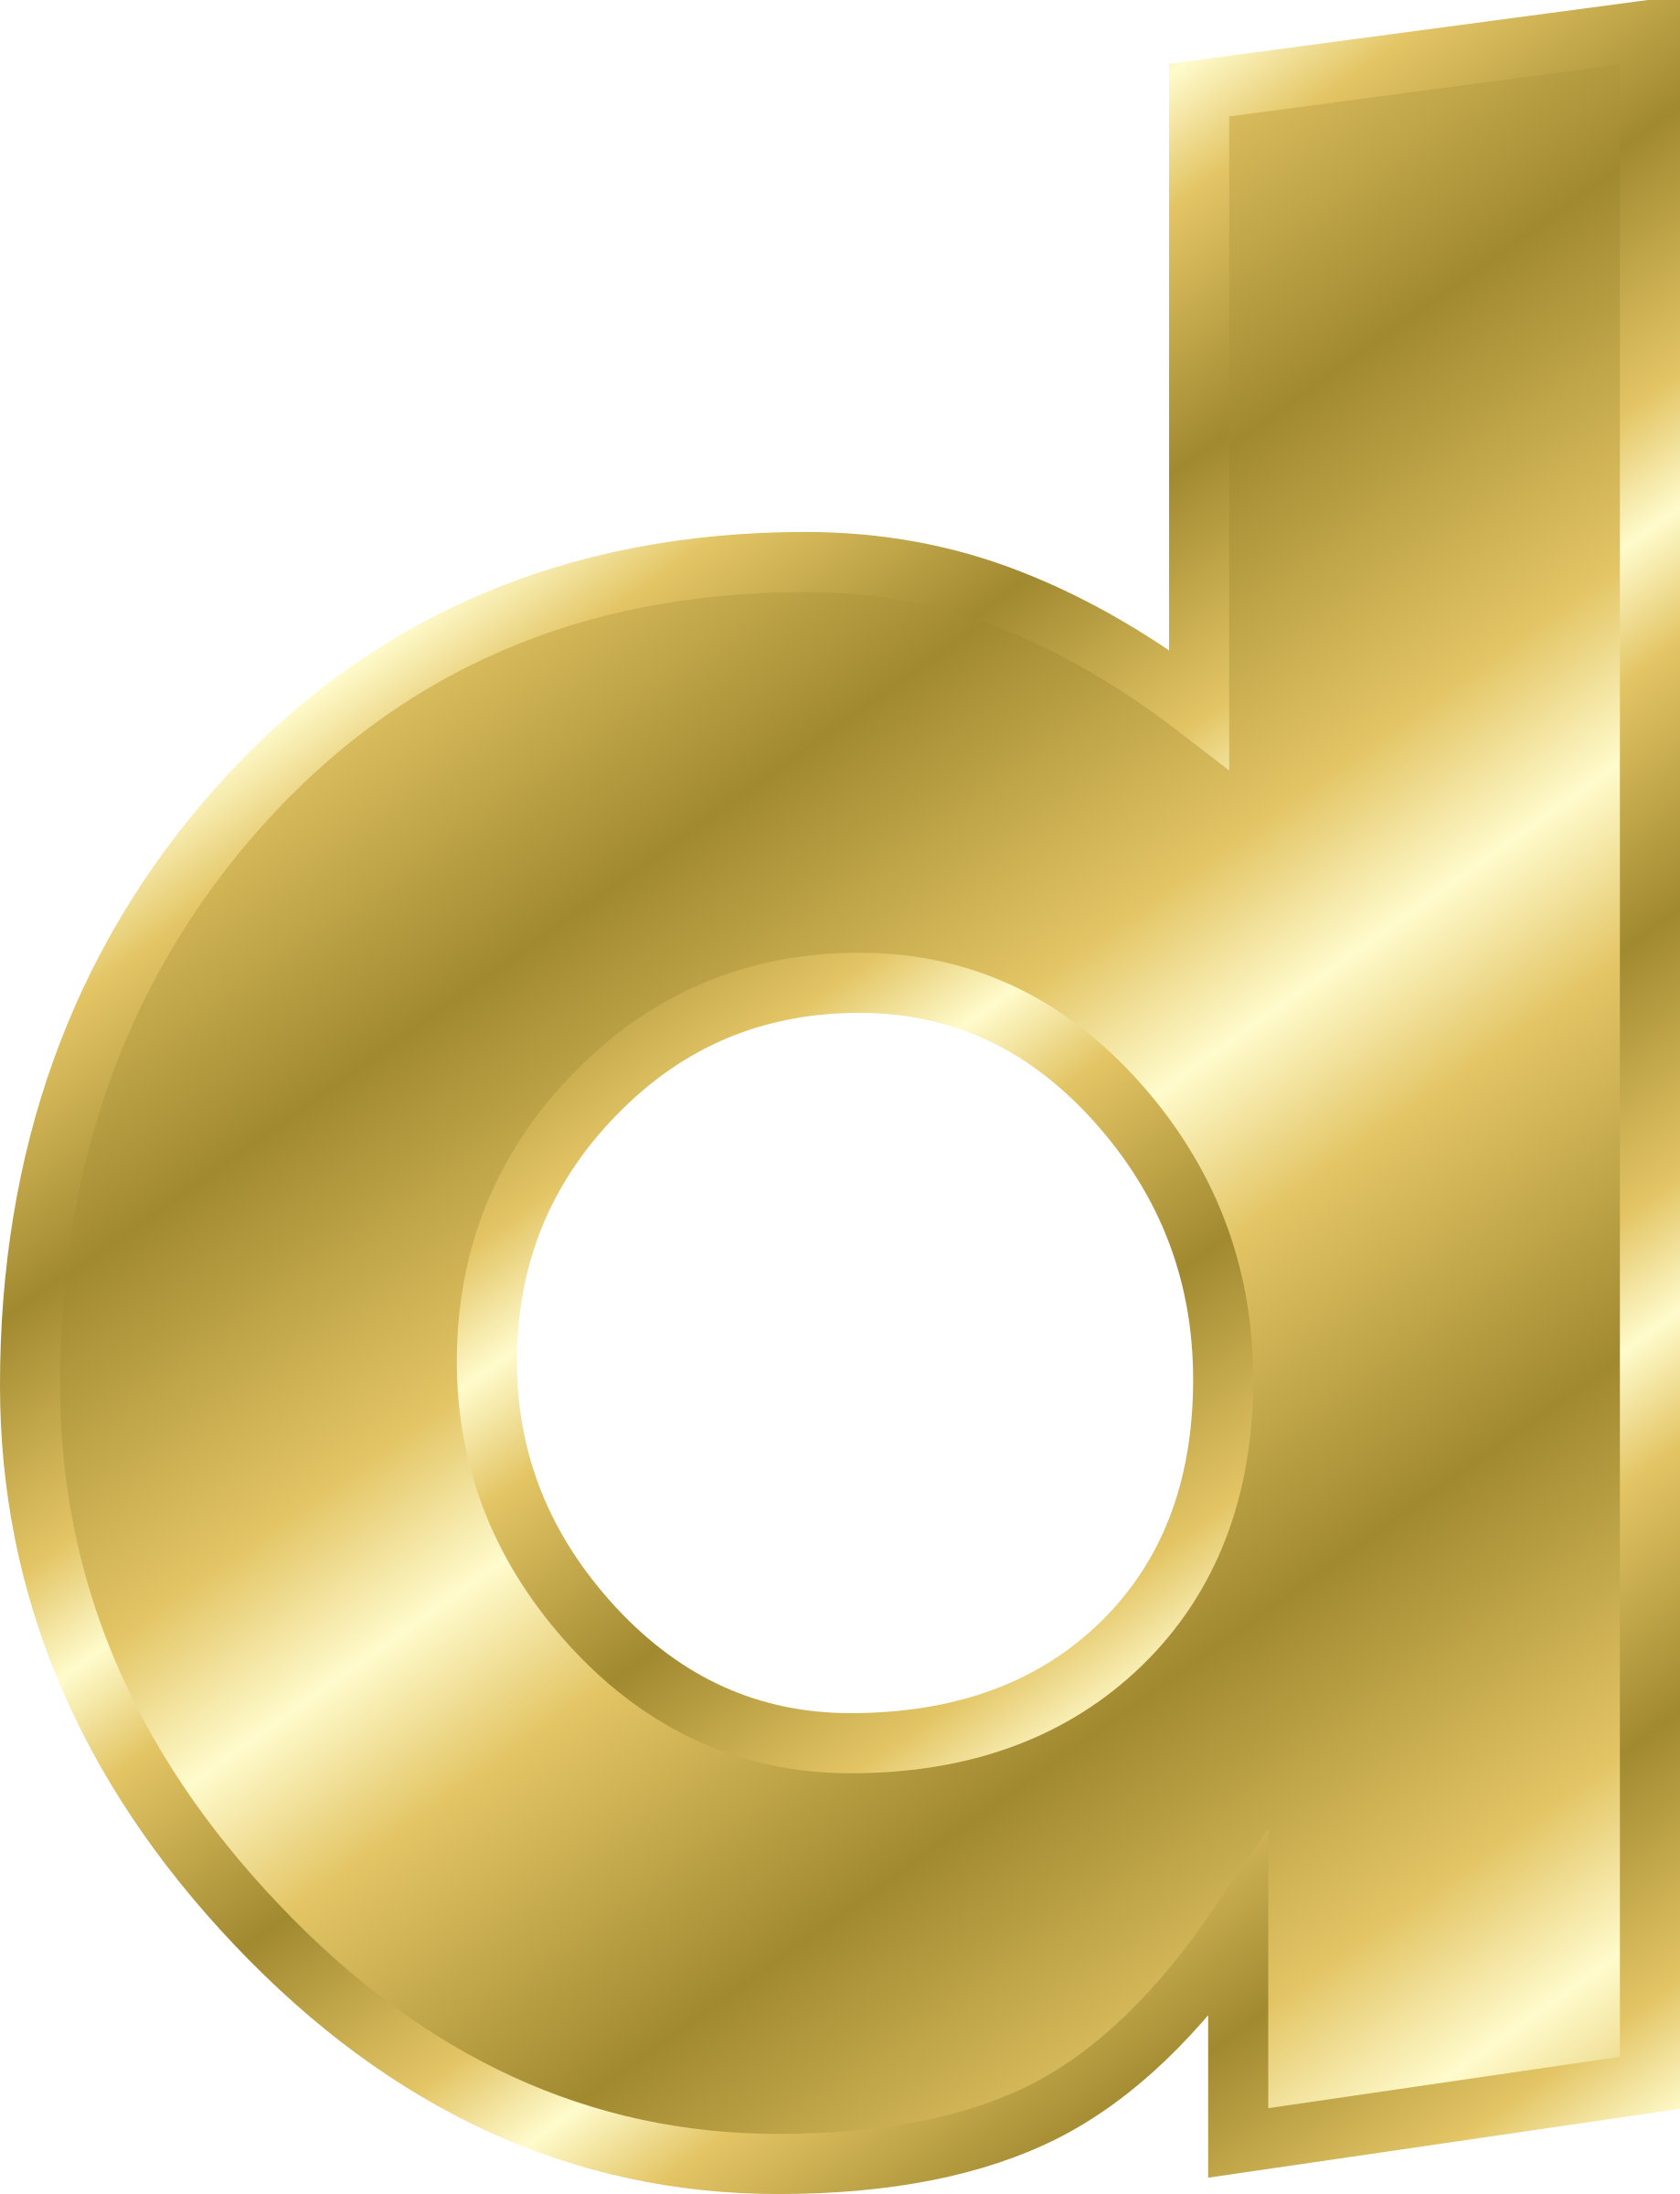 Clipart - Effect Letters alphabet gold clip art stock